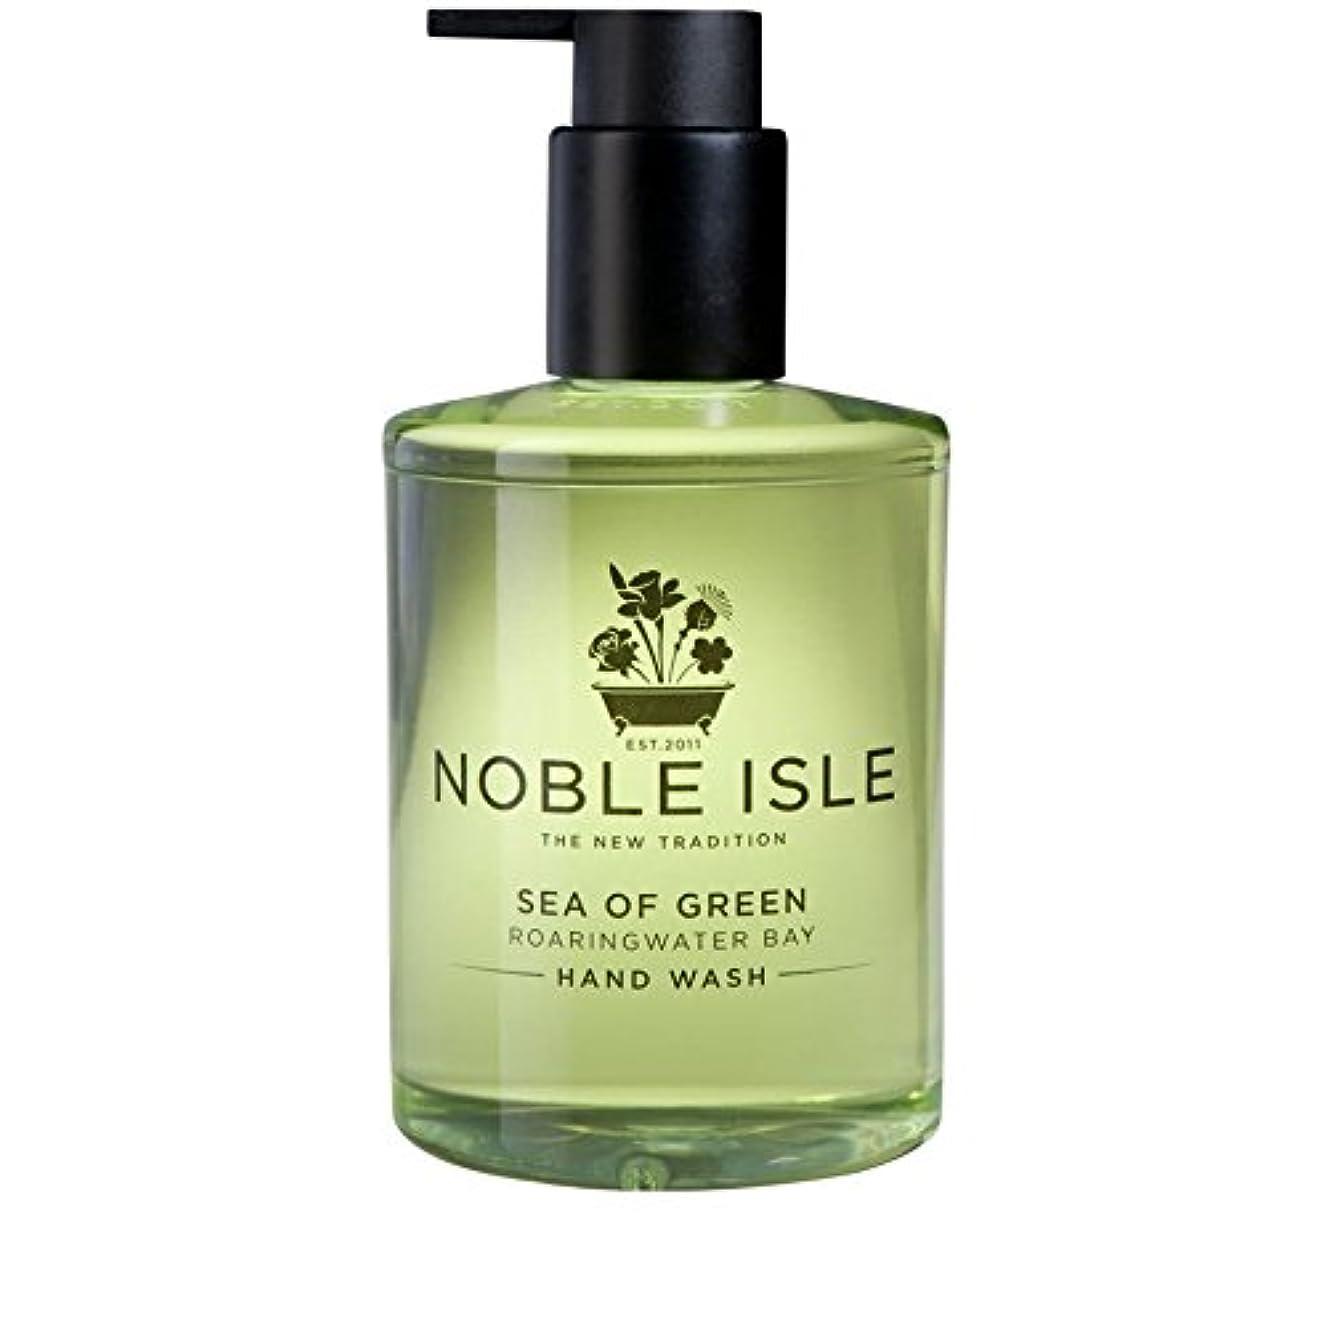 法医学手順教師の日Noble Isle Sea of Green Roaringwater Bay Hand Wash 250ml - 緑ベイハンドウォッシュ250ミリリットルの高貴な島の海 [並行輸入品]